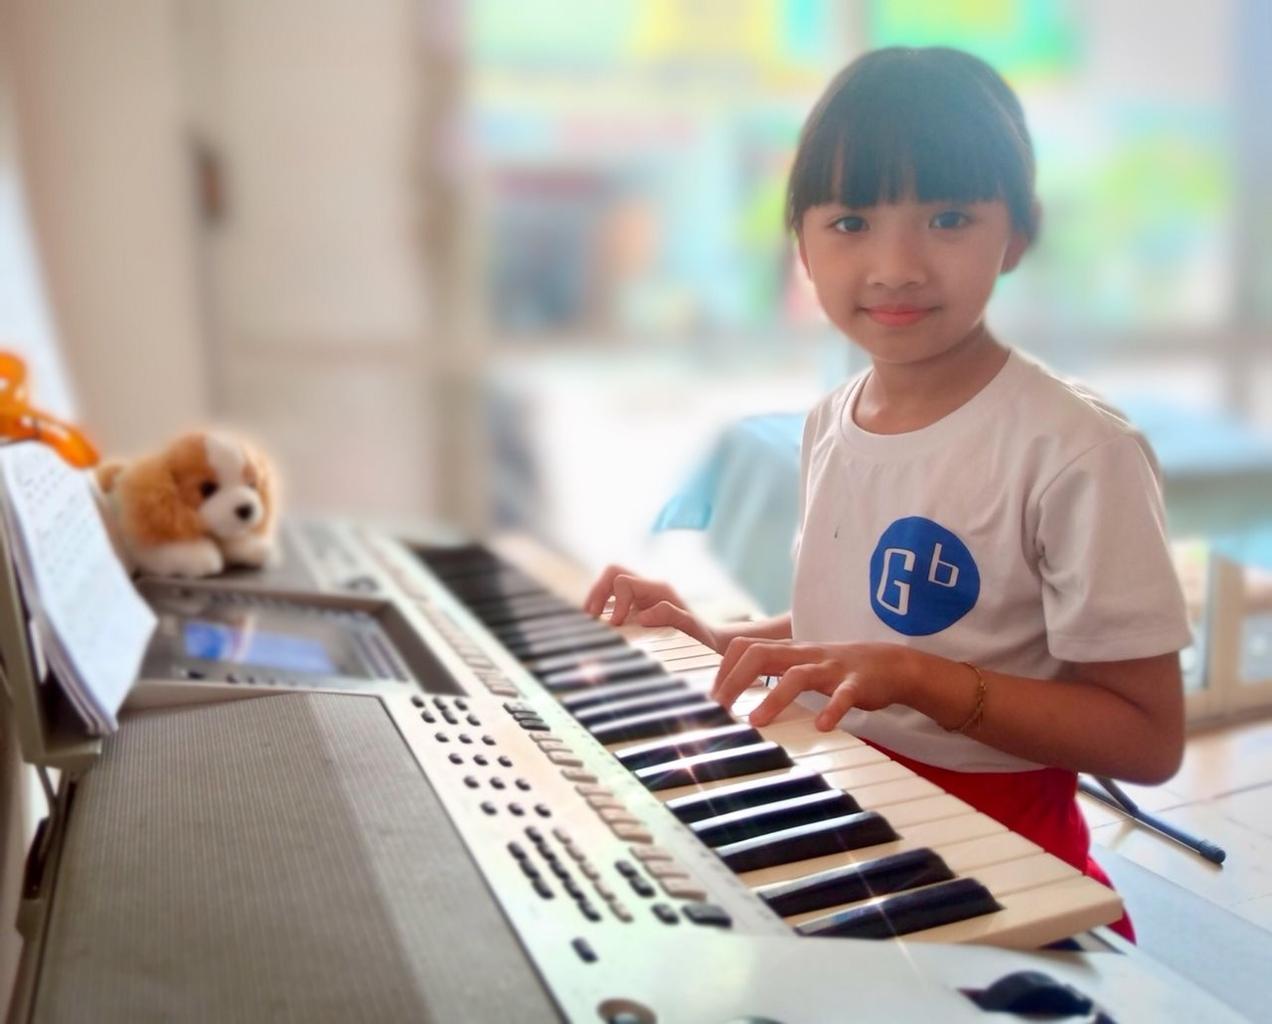 DẠY PIANO THIẾU NHI QUẬN 12, dạy đàn organ quận 12, dạy đàn guitar quận 12, dạy thanh nhạc quận 12, dạy vẽ quận 12, dạy nhảy quận 12, trung tâm âm nhạc quận 12, mua bán nhạc cụ quận 12